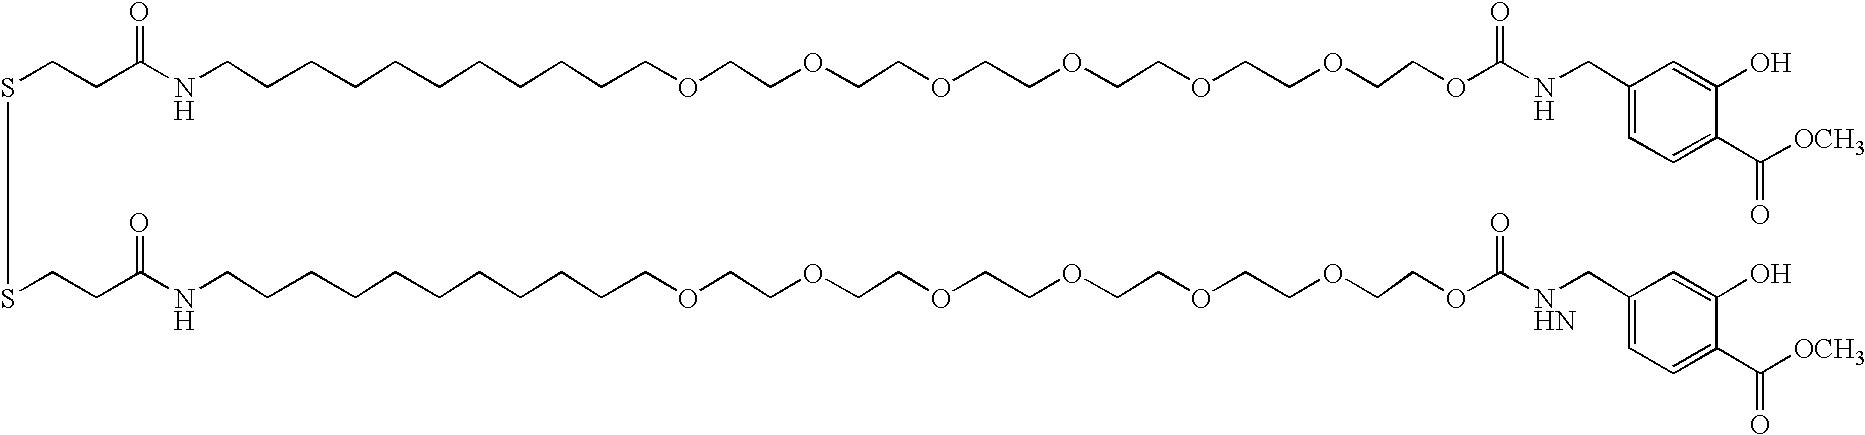 Figure US20030032202A1-20030213-C00018